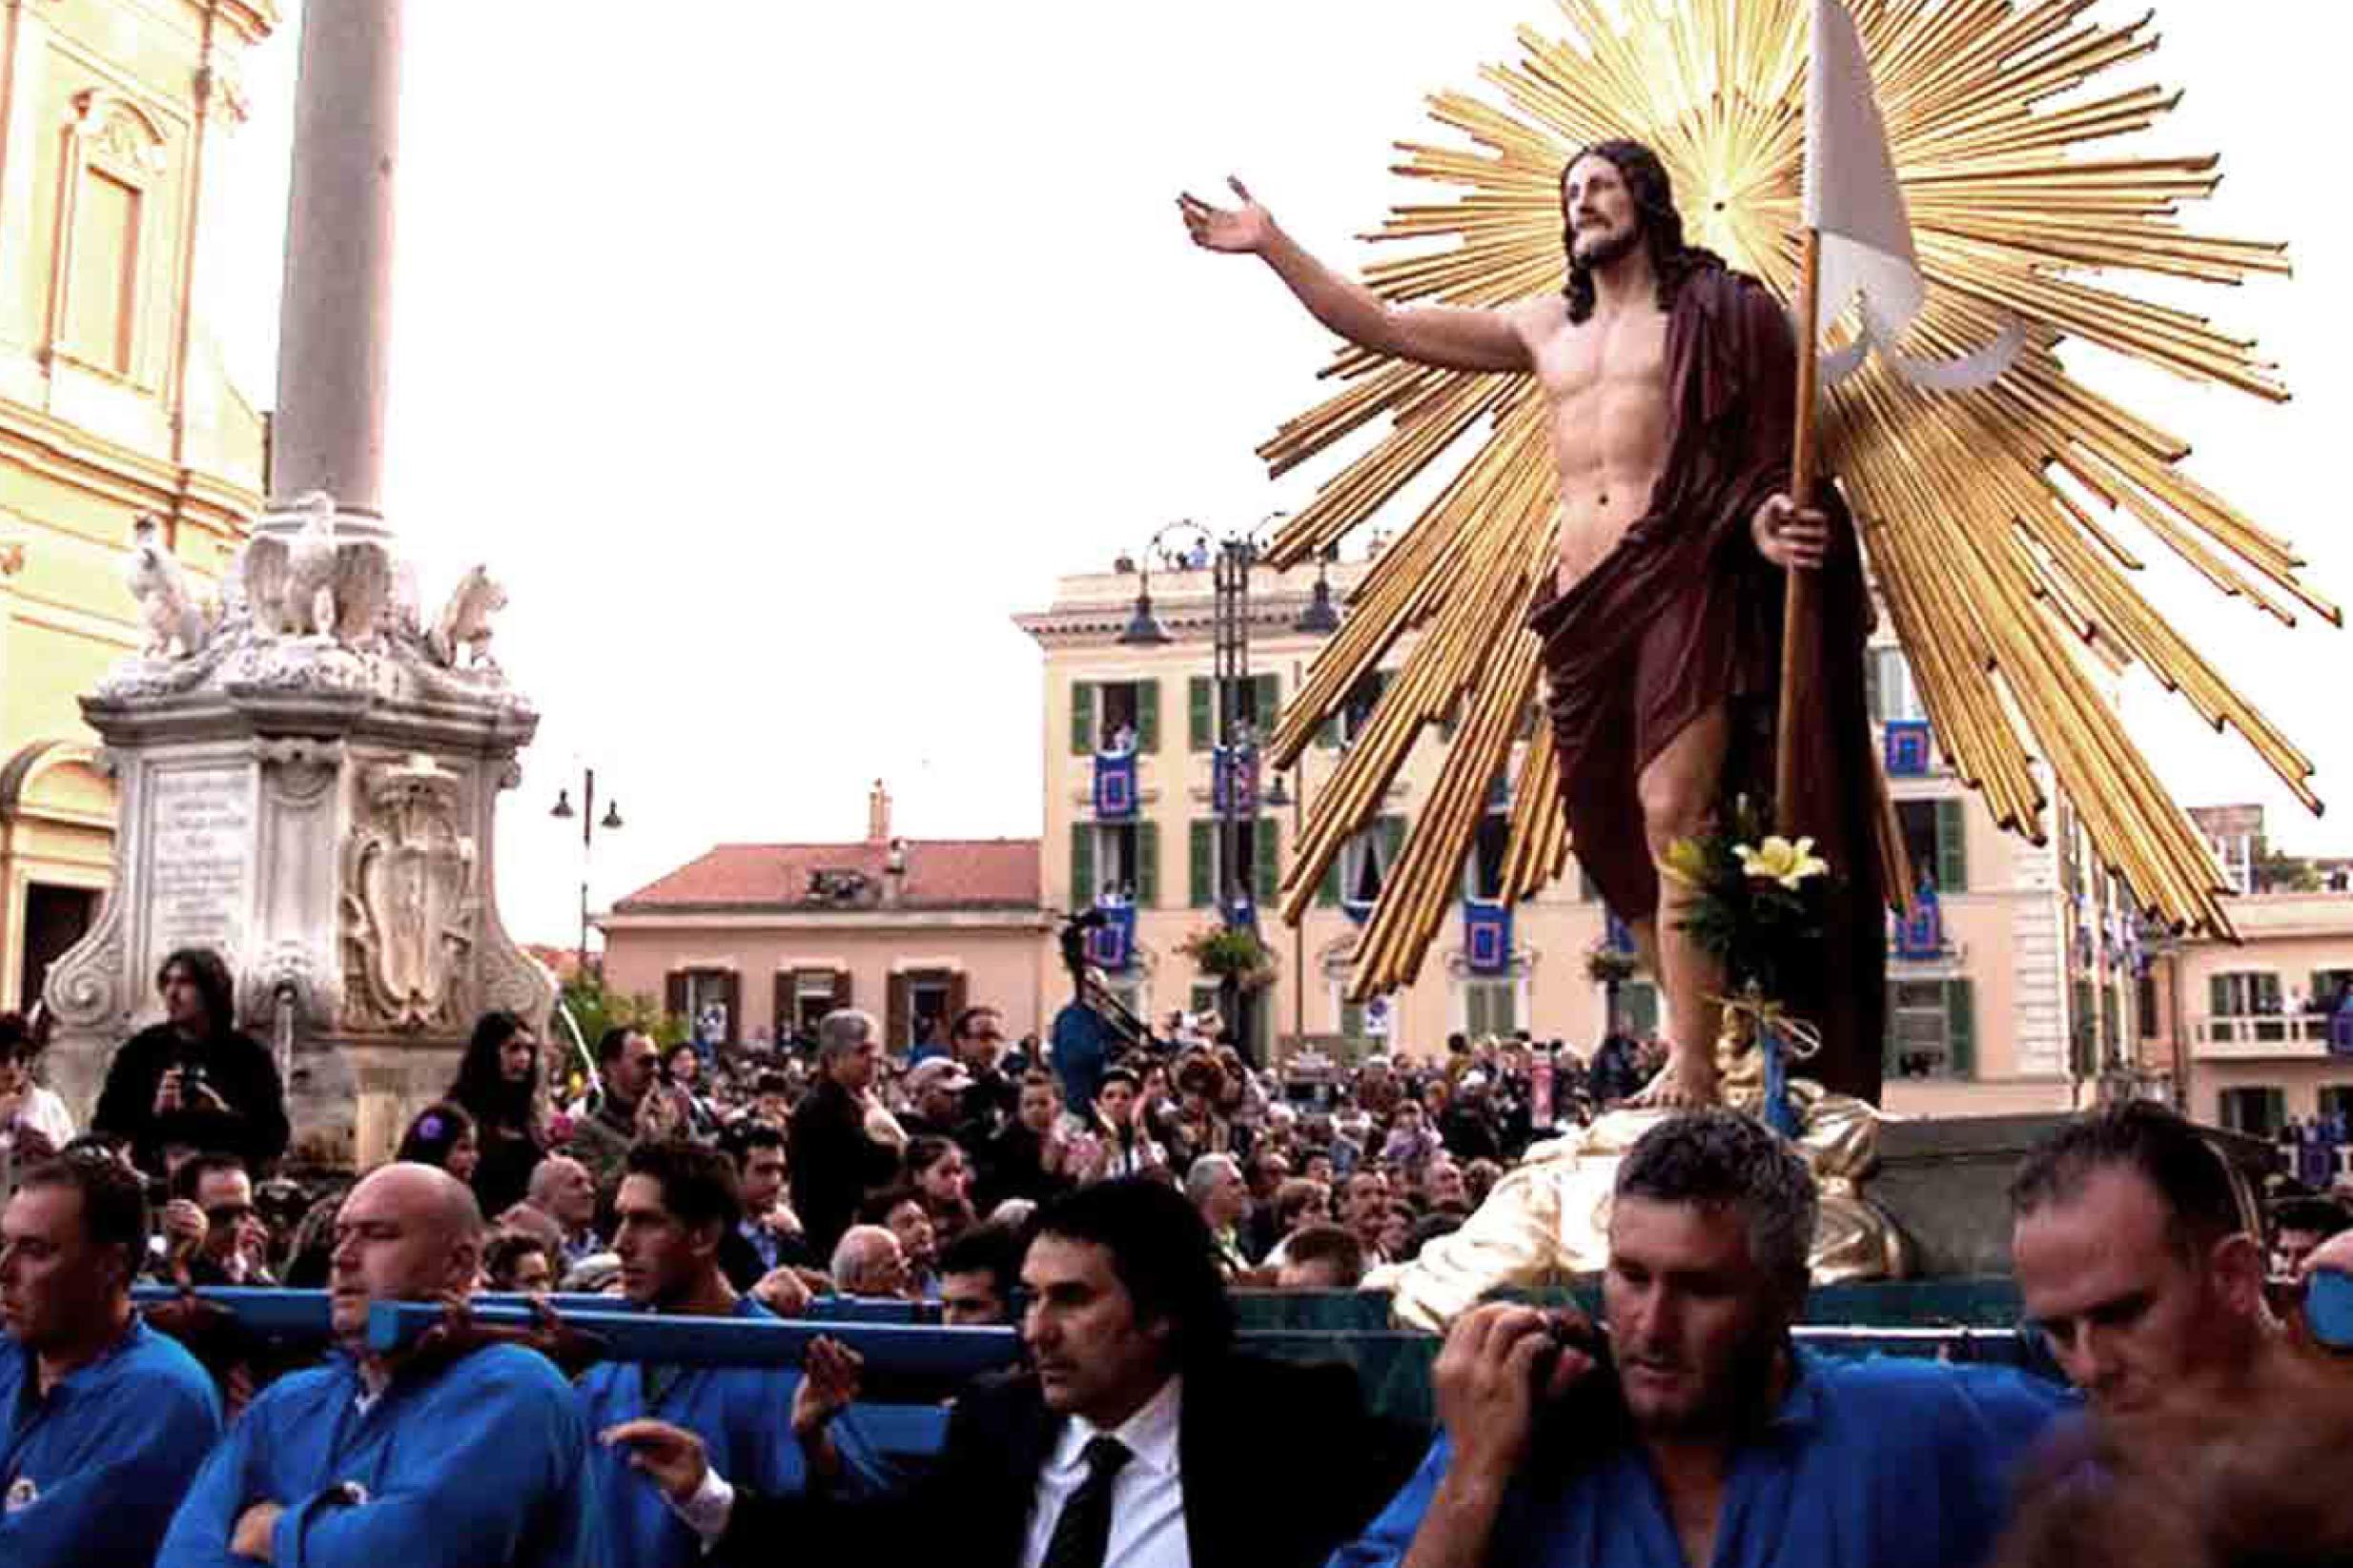 cristo-risorto-processione-tarquinia